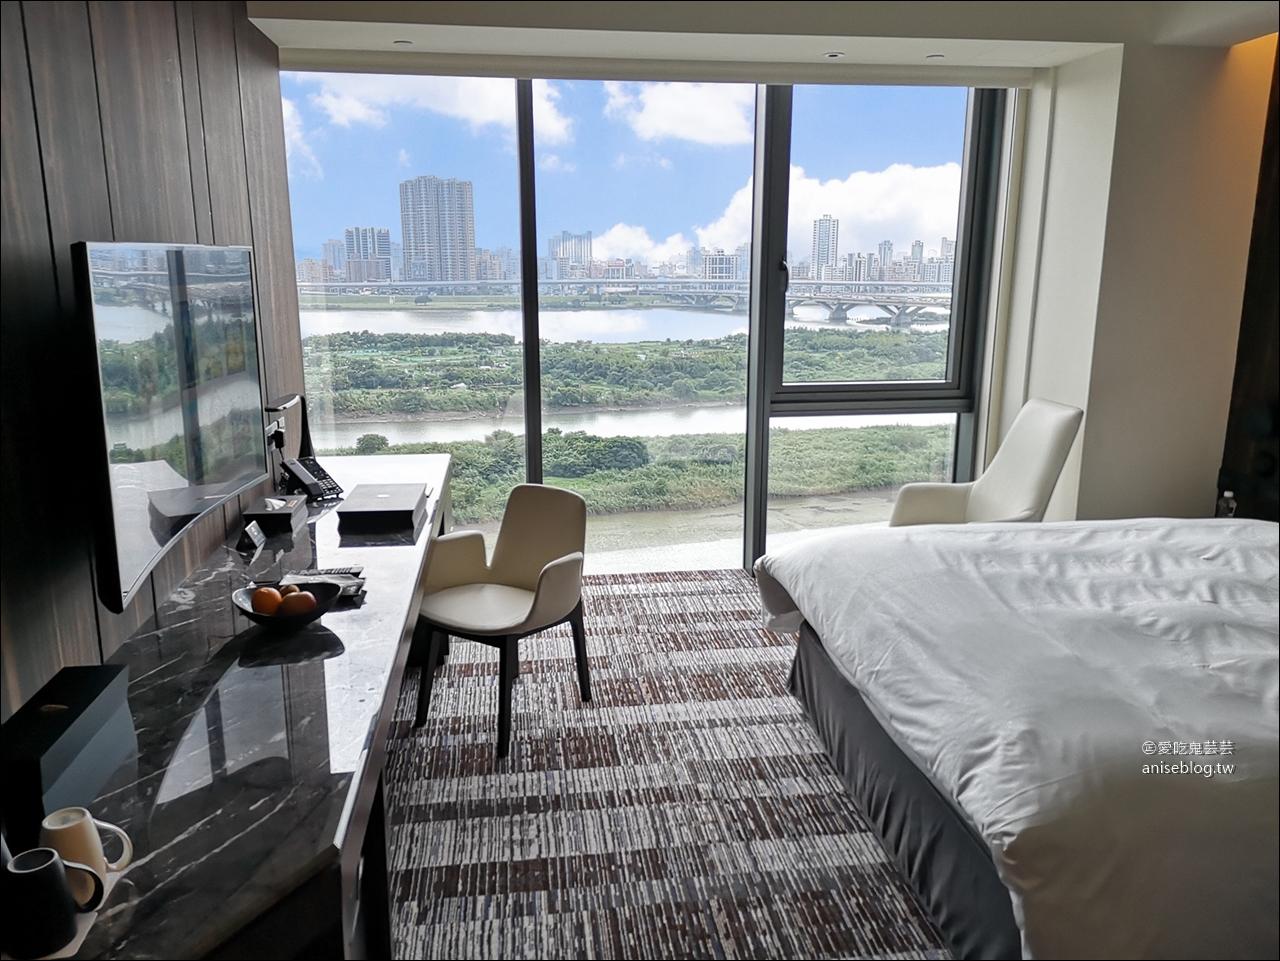 西門町宿之酒店 | 高樓層俯瞰淡水河、煙火觀賞聖地! @愛吃鬼芸芸